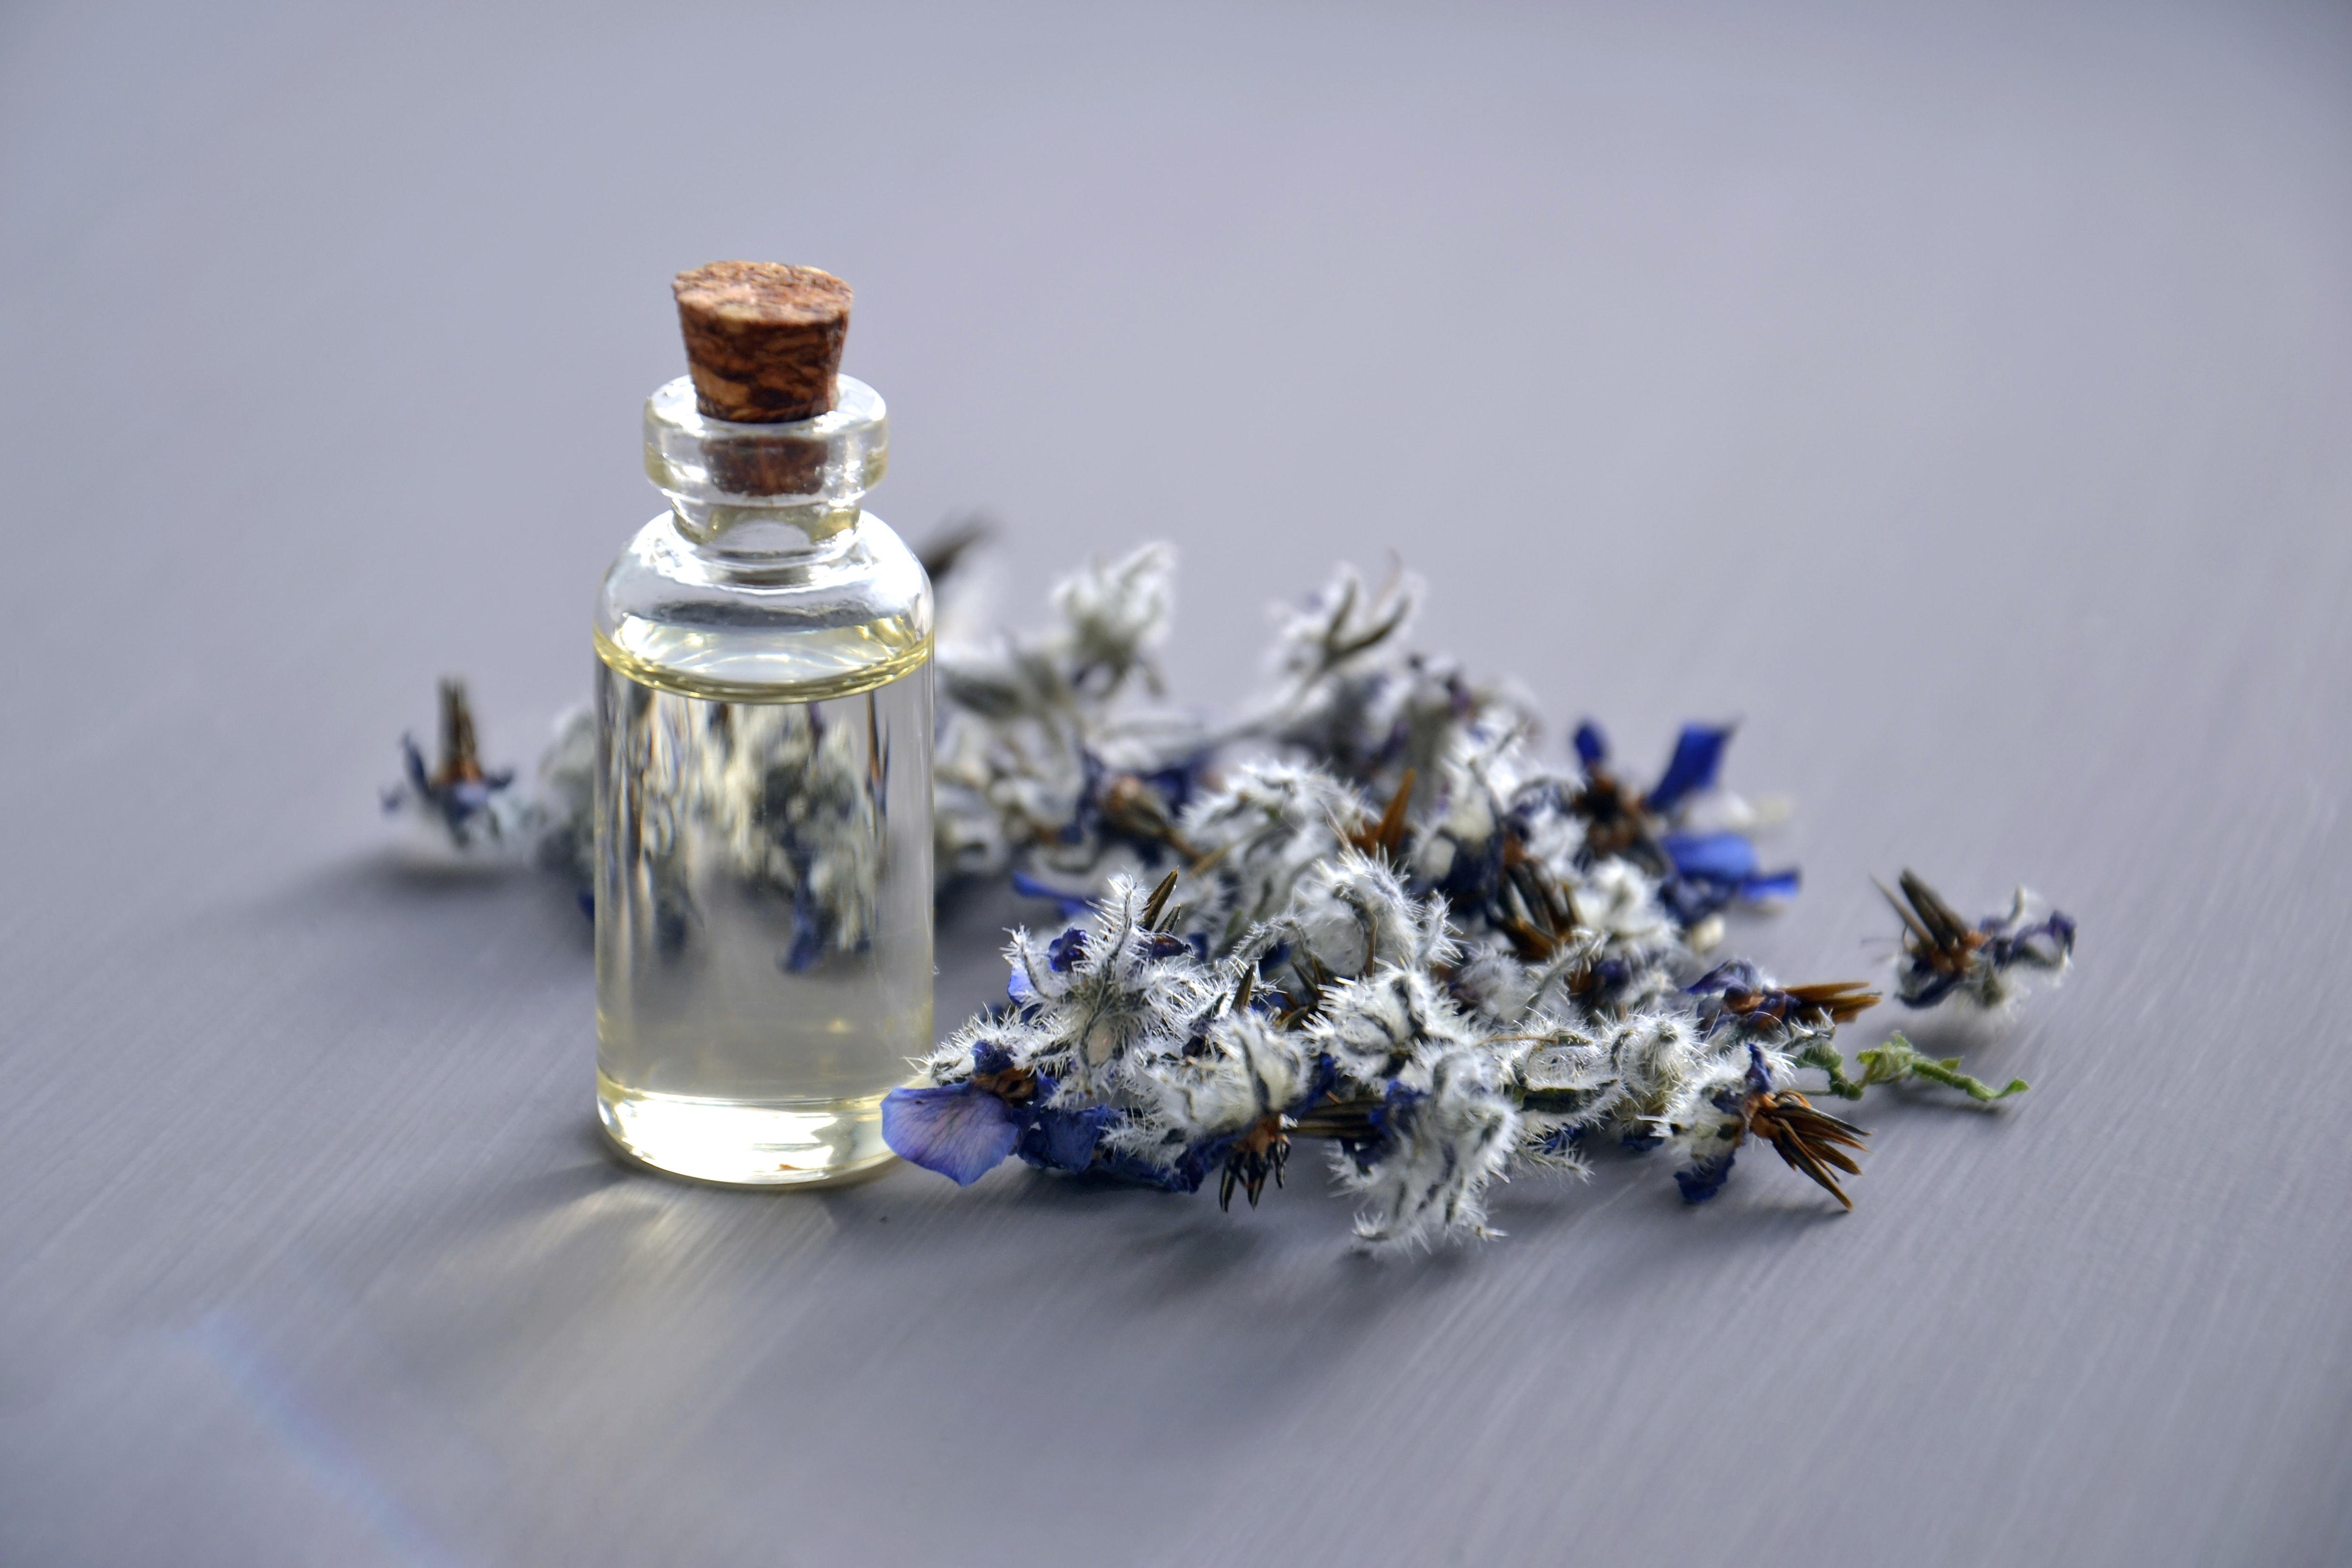 Fragranze per cosmetici